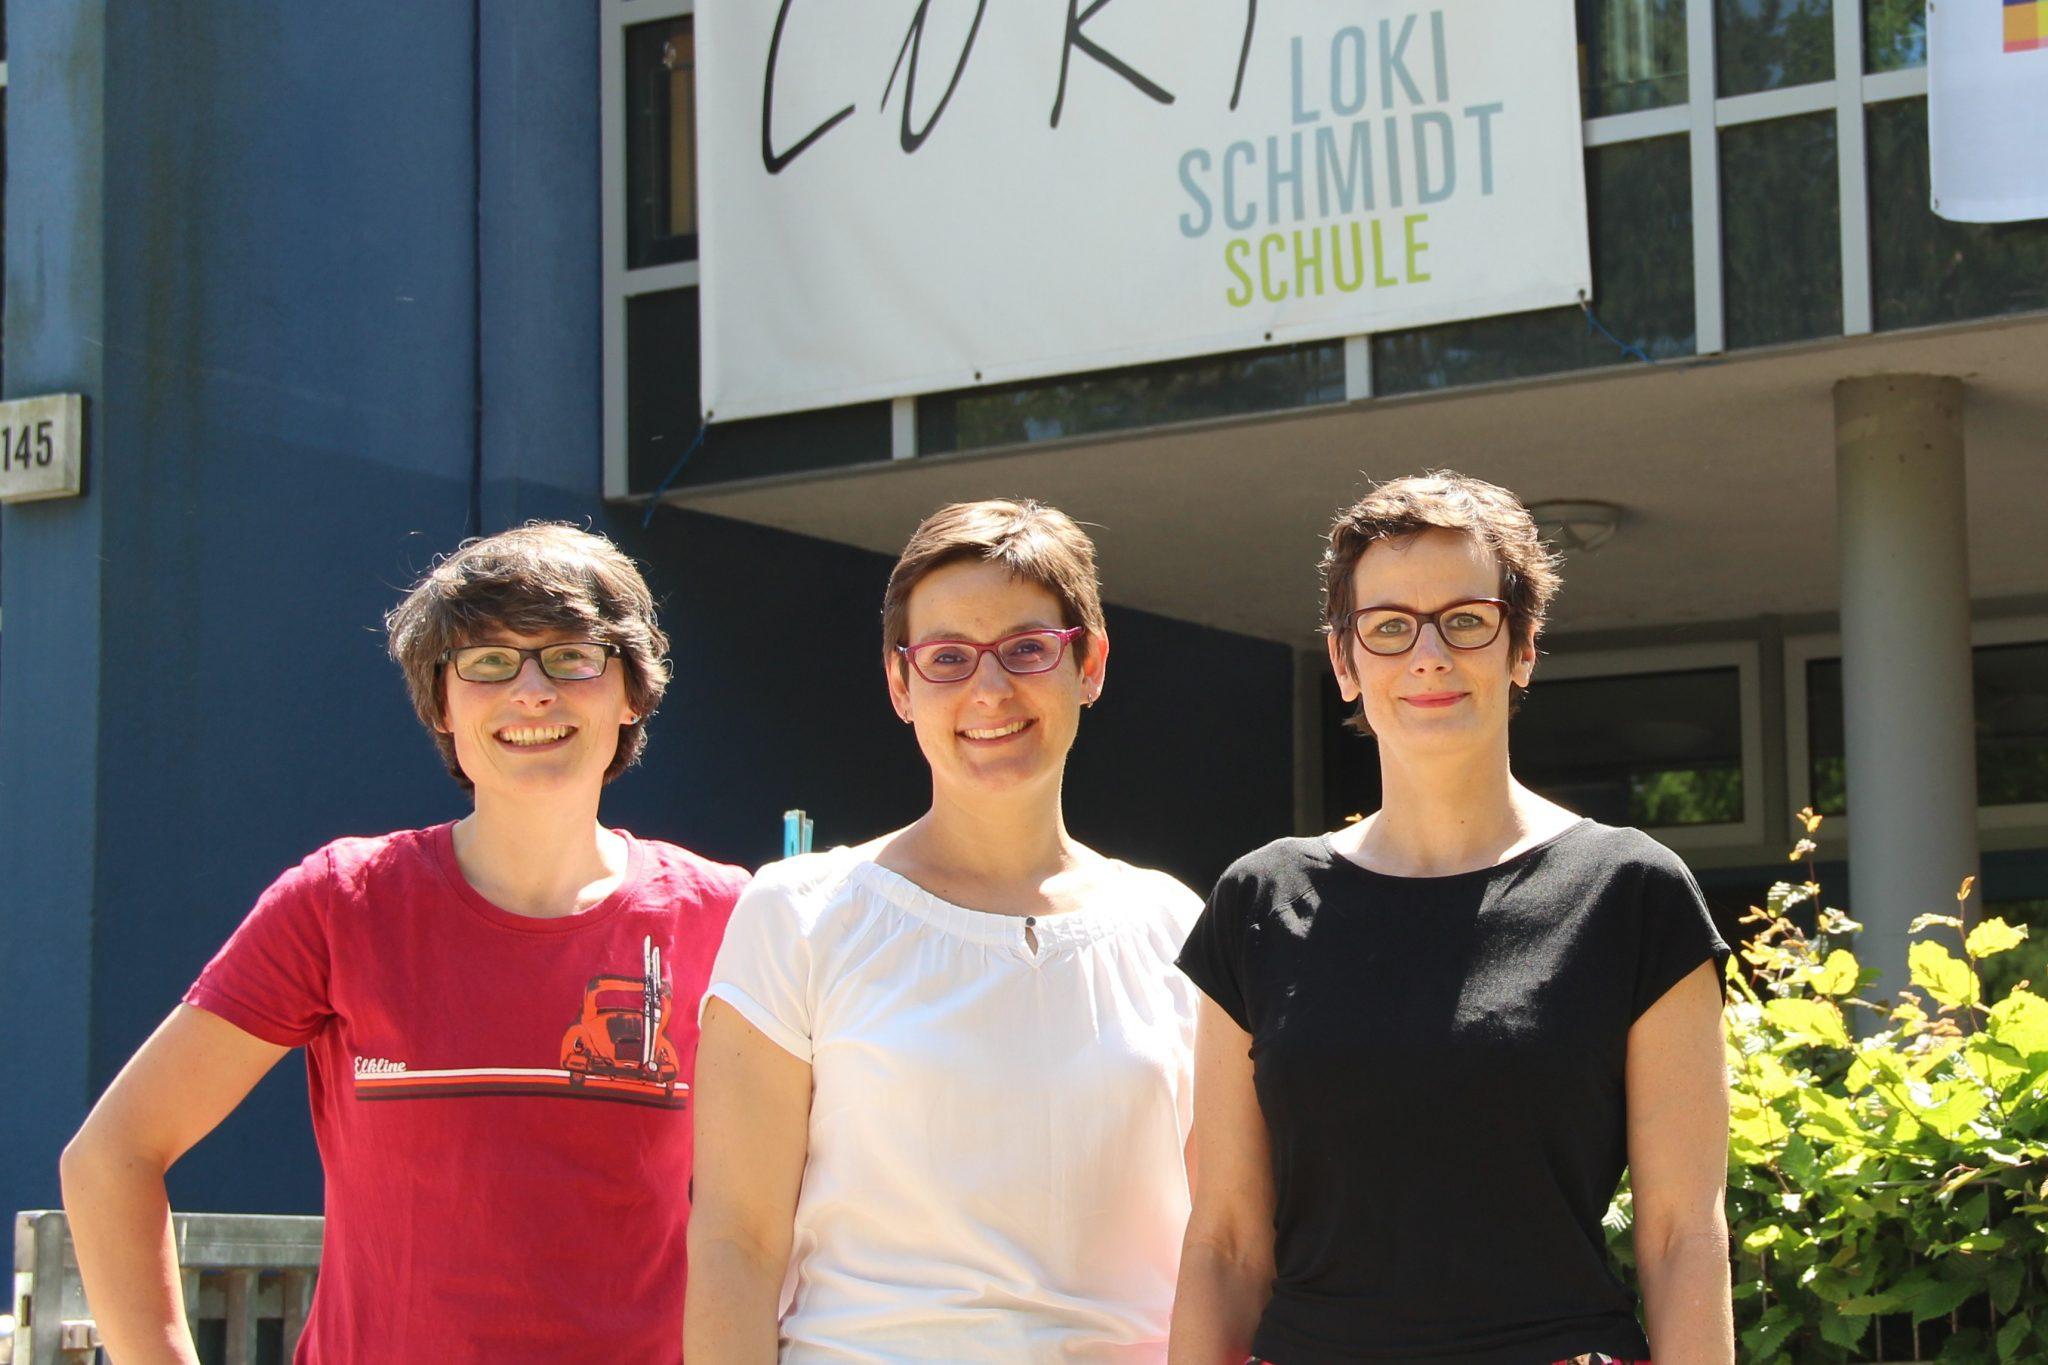 Vorstandsmitglieder des Schulvereins der Loki-Schmidt-Schule